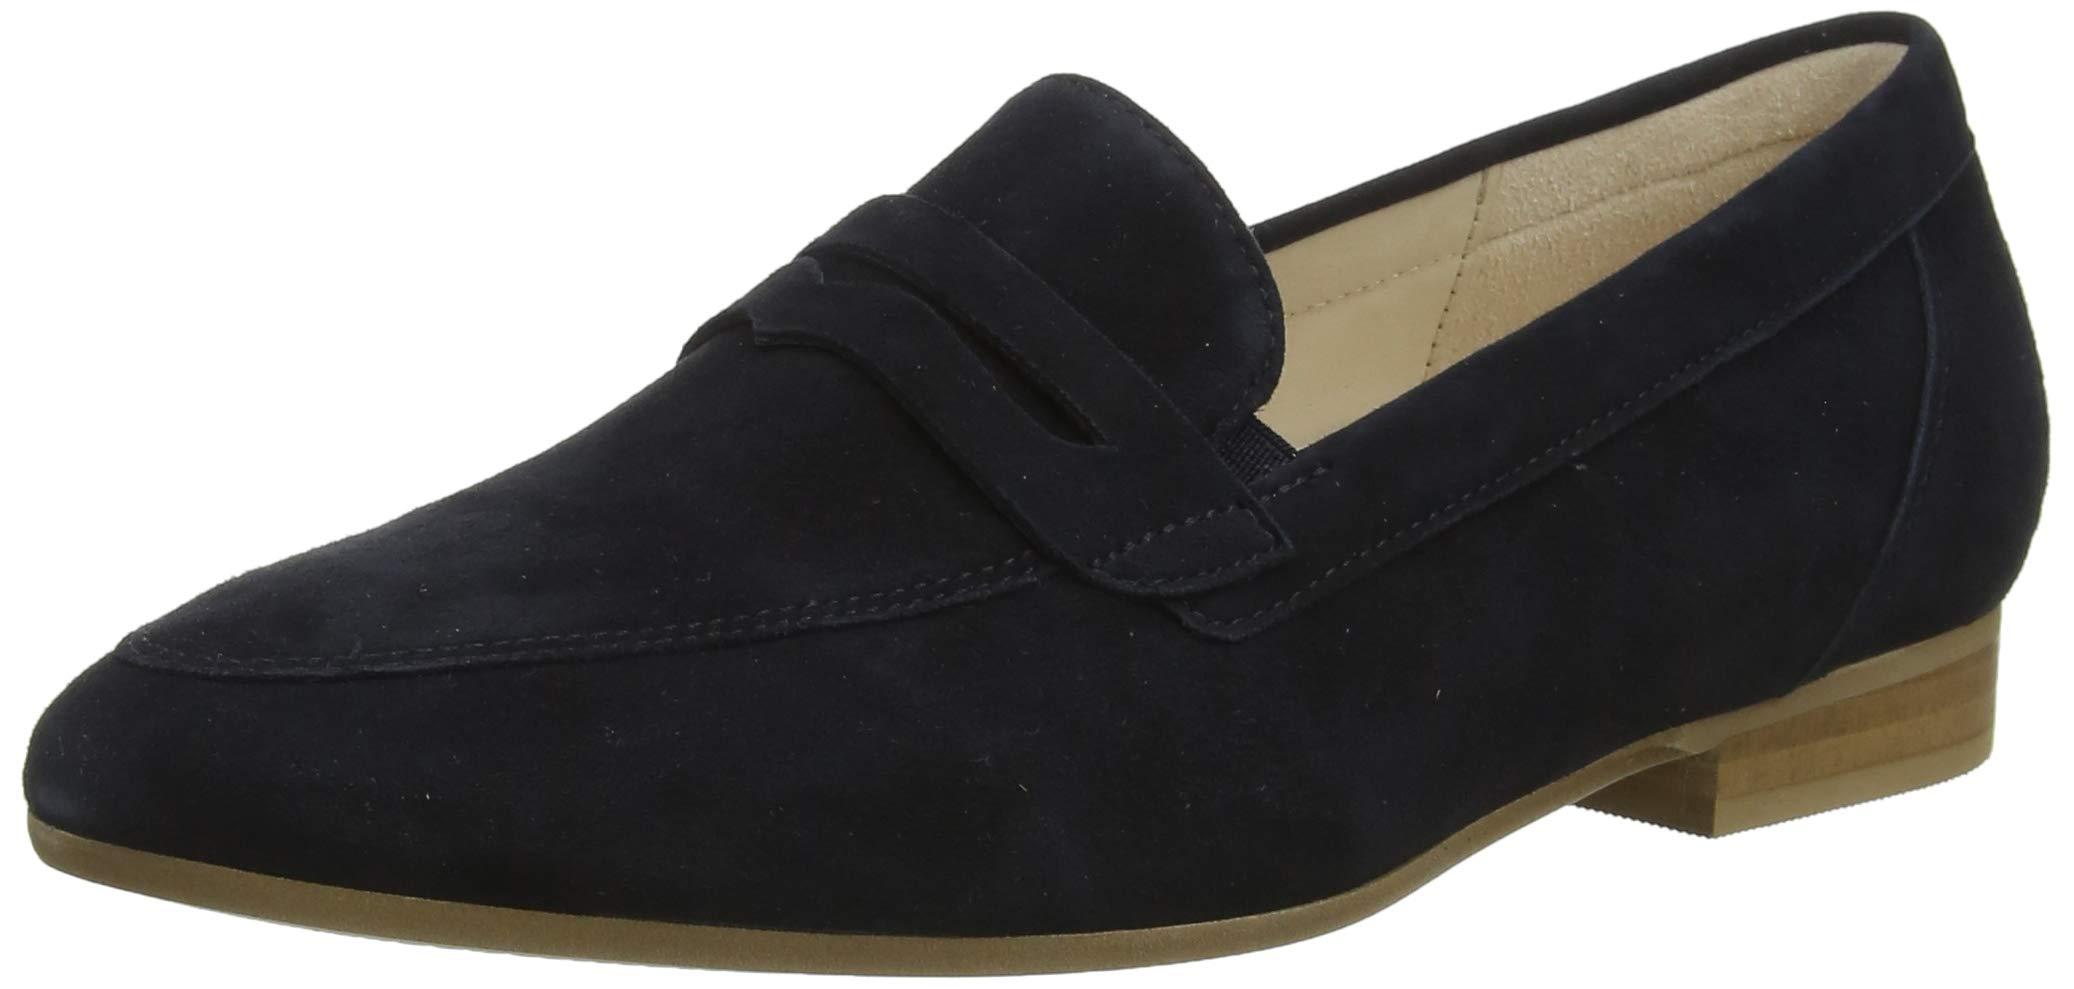 Gabor Comfort 2641 Eu Shoes SportEscarpins FemmeBleupazifik iukXZPOT